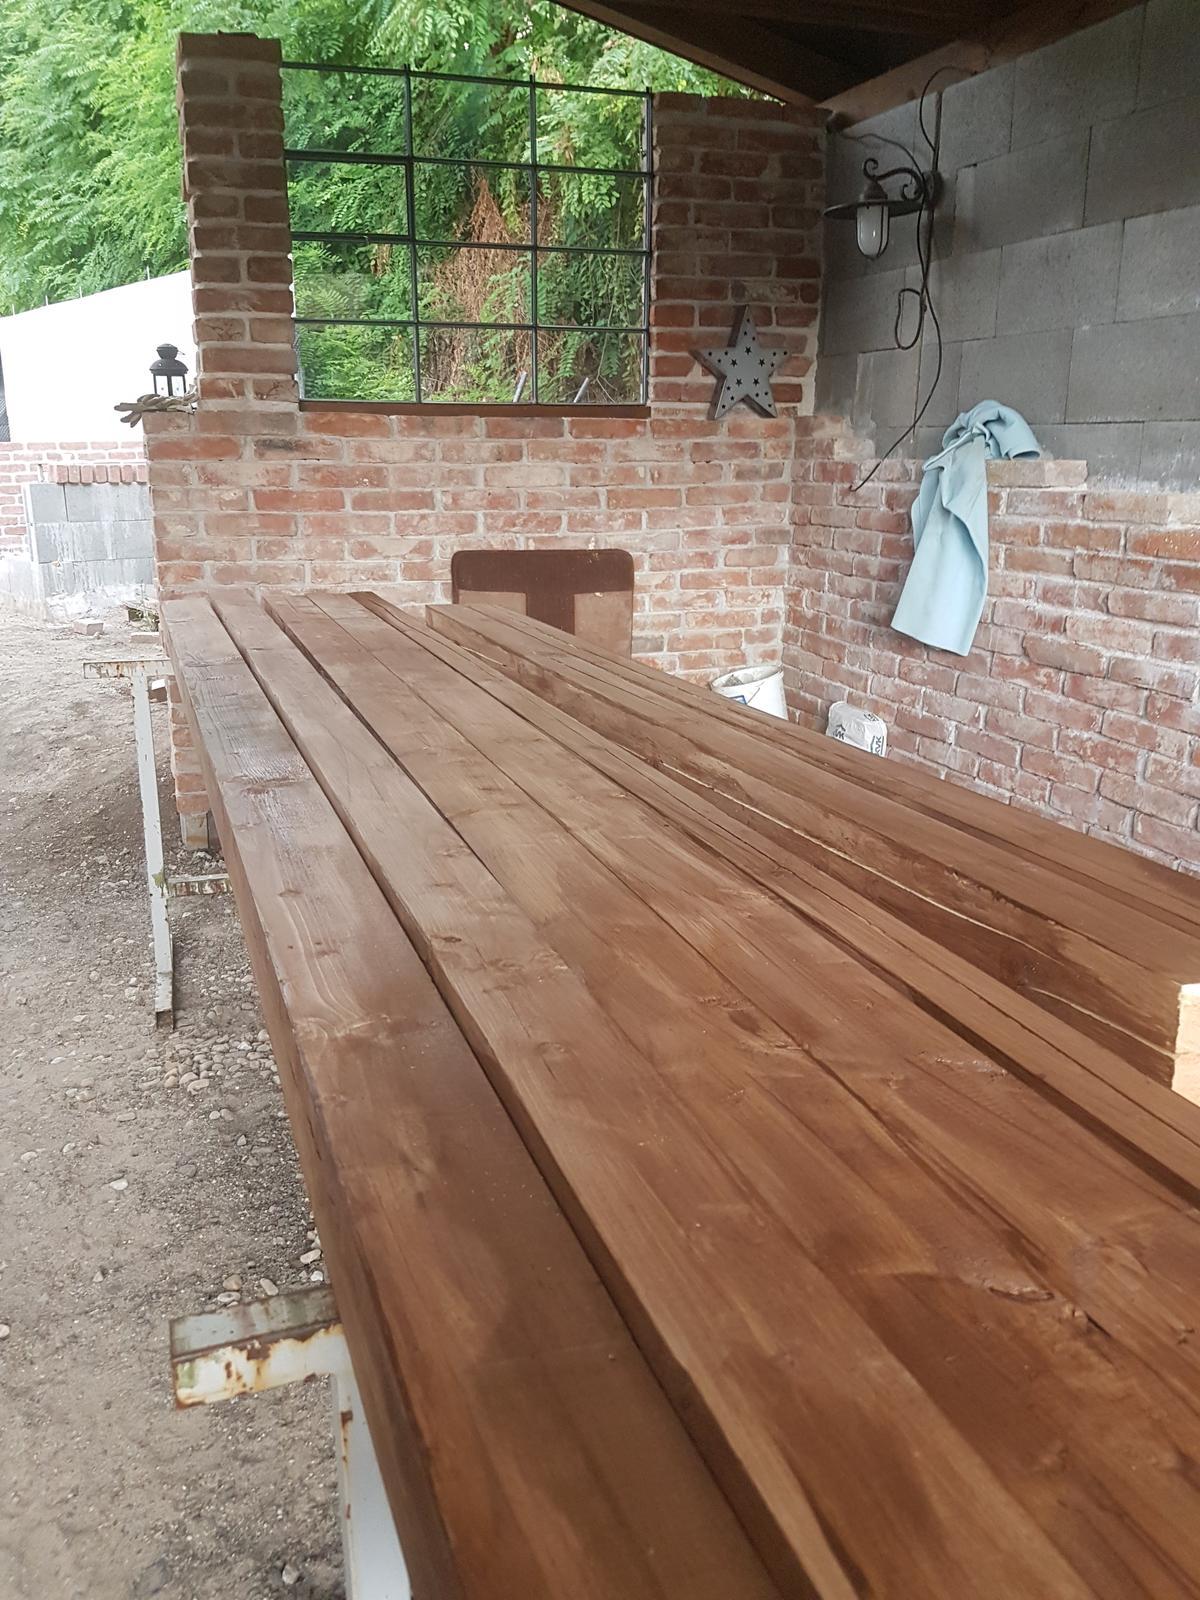 Drevník a kafé kútik - projekt roku  2018 - Obrázek č. 46